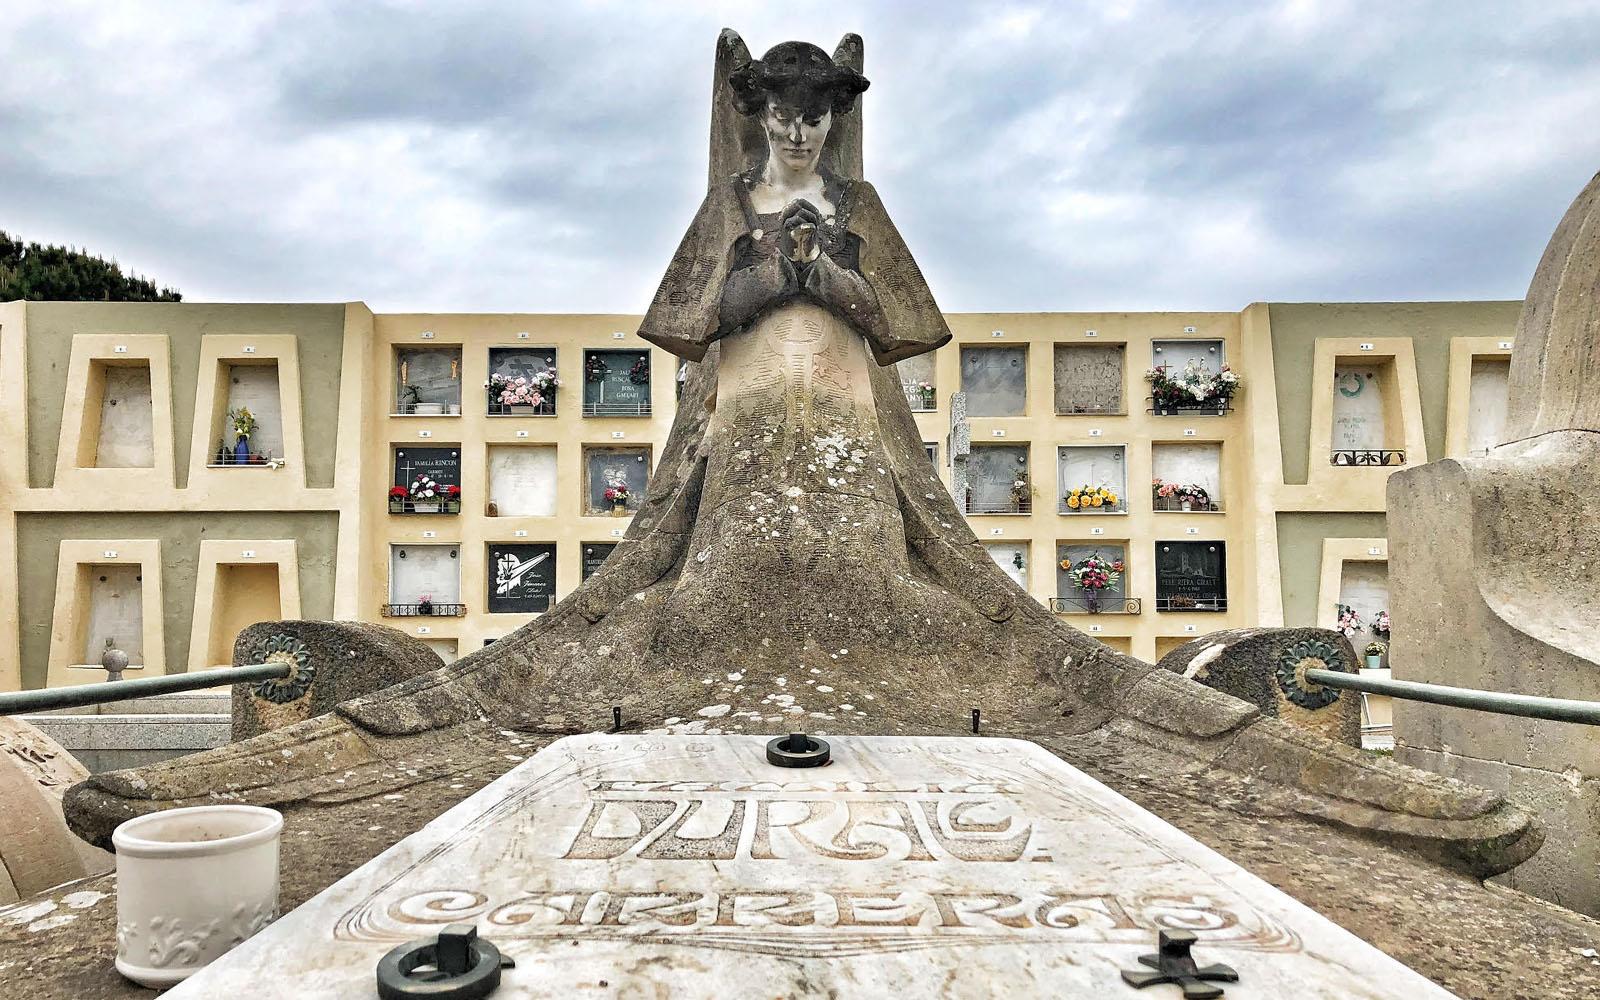 Una tomba con statua alata nel Cimitero Modernista di Lloret de Mar. © oltreilbalcone